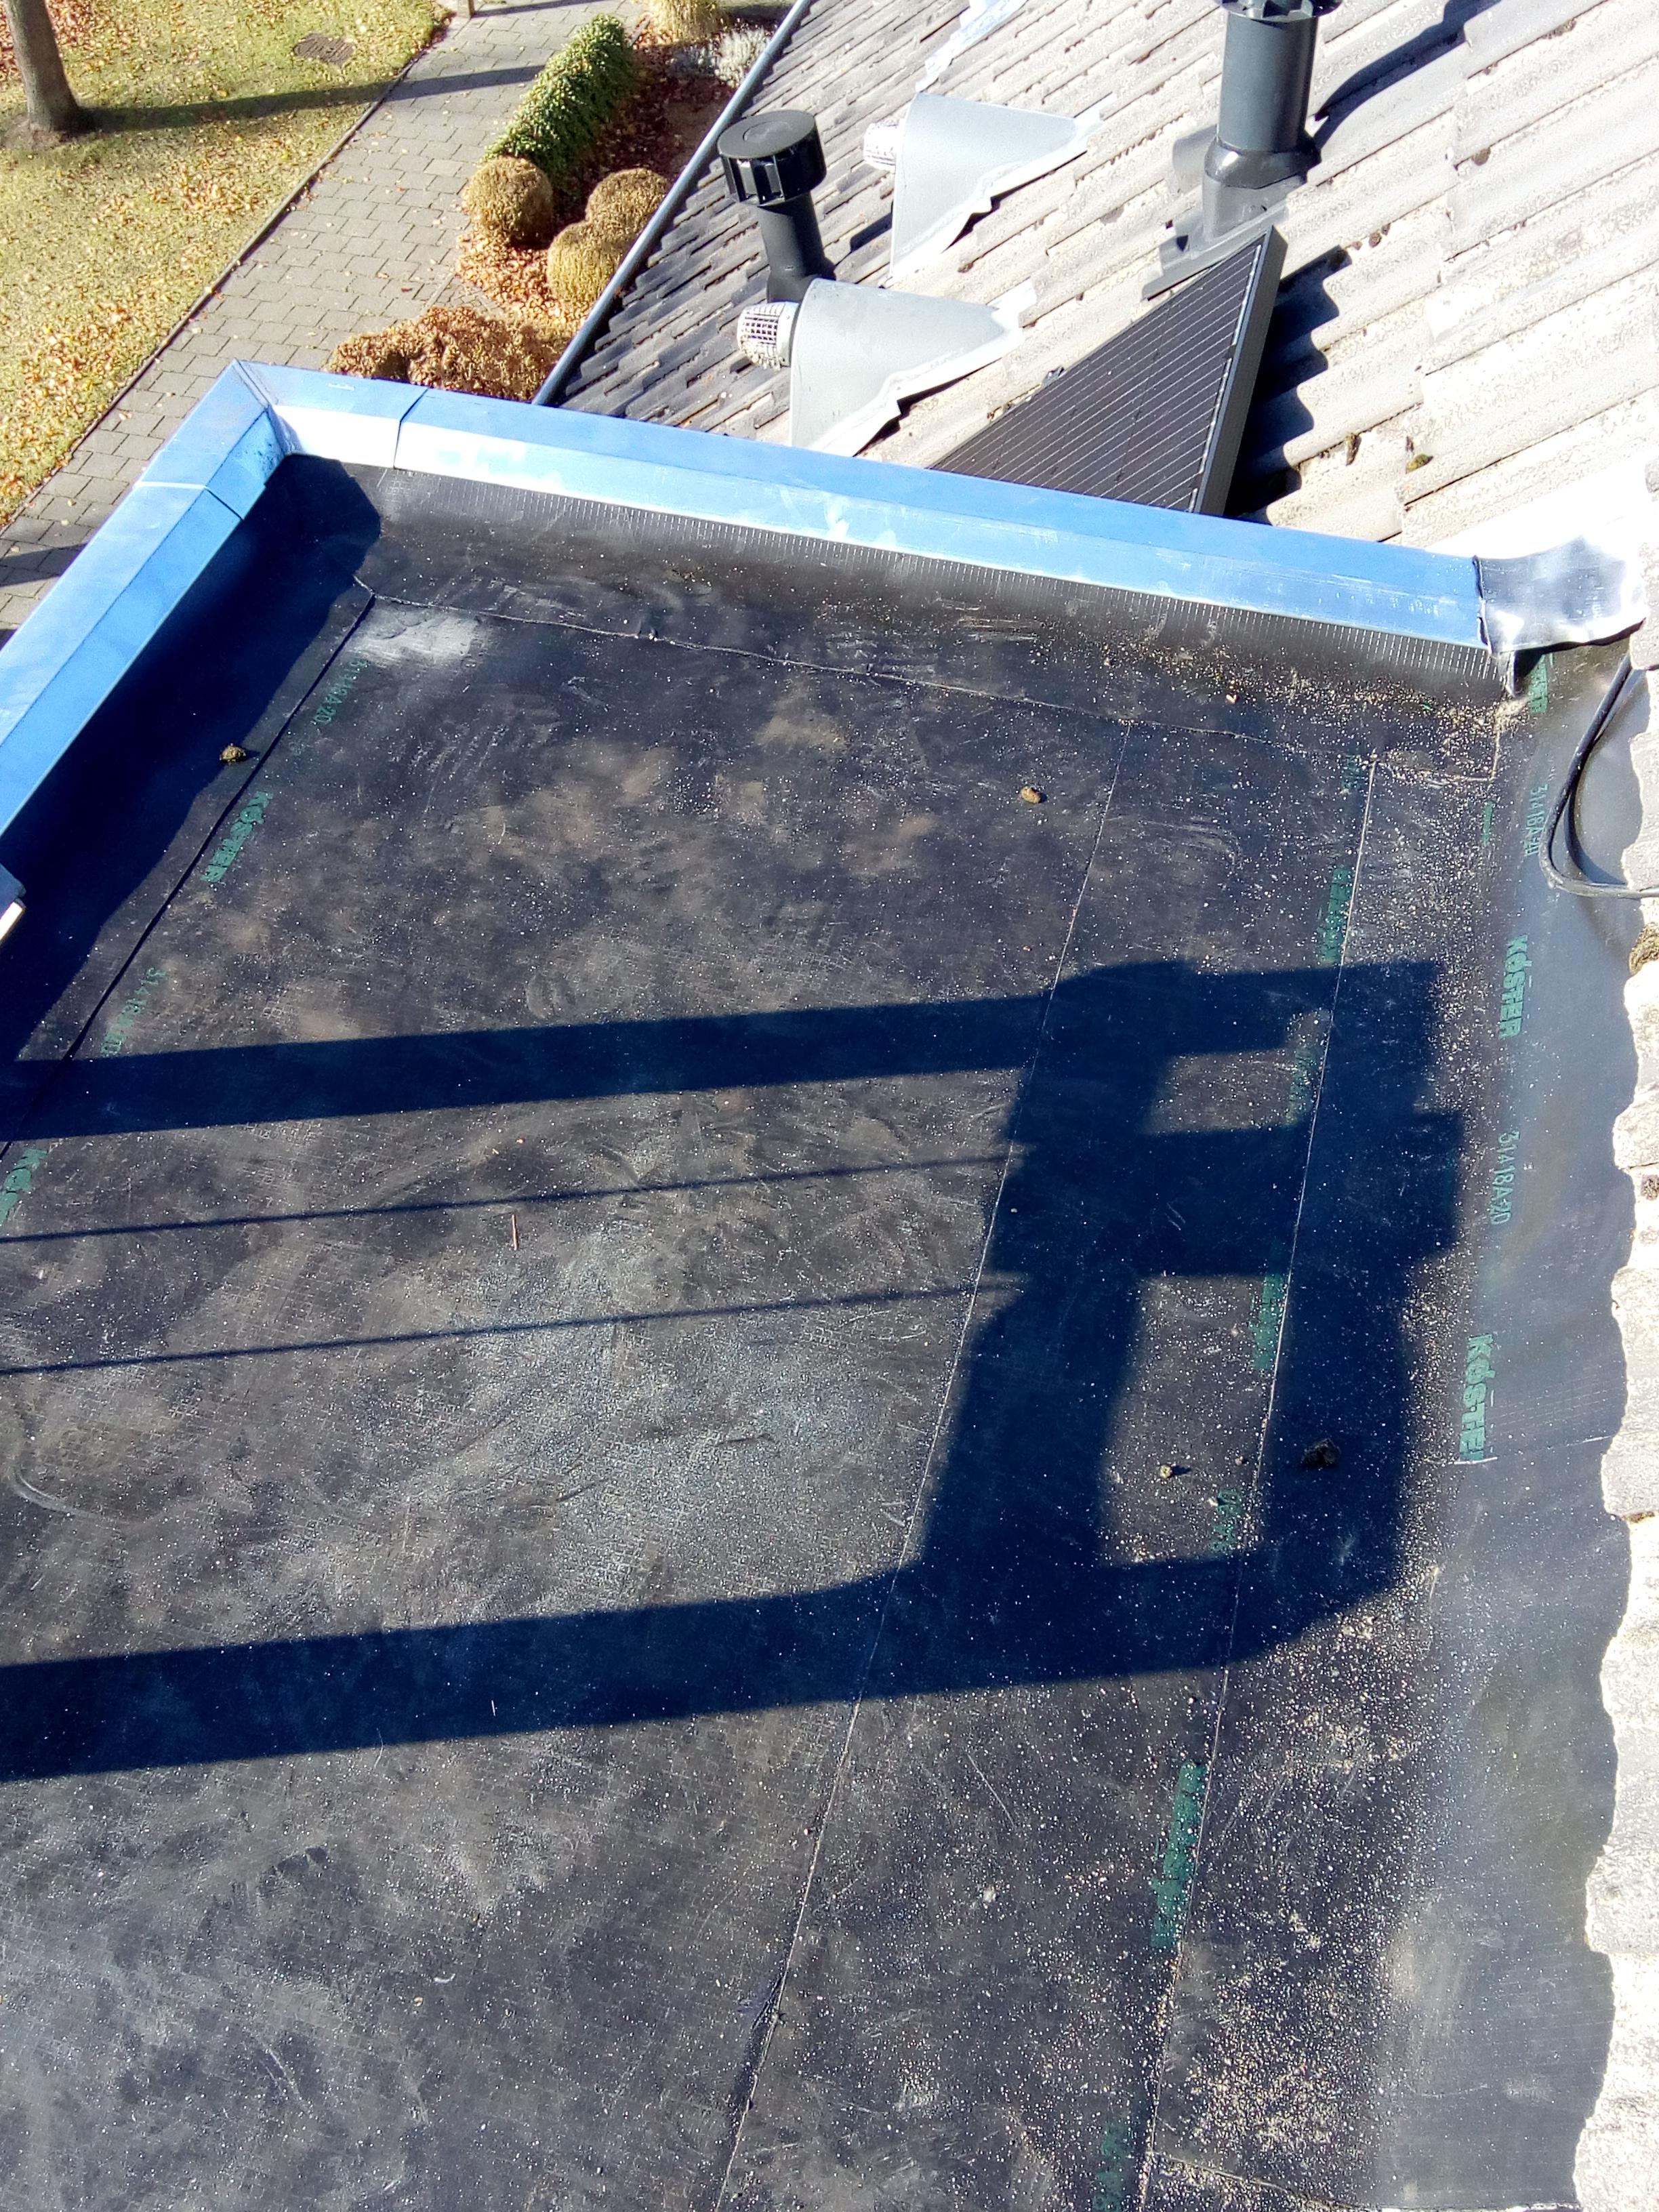 Een dakkapel met ECB kunststofdakbedekking van de dakdekker amersfoort